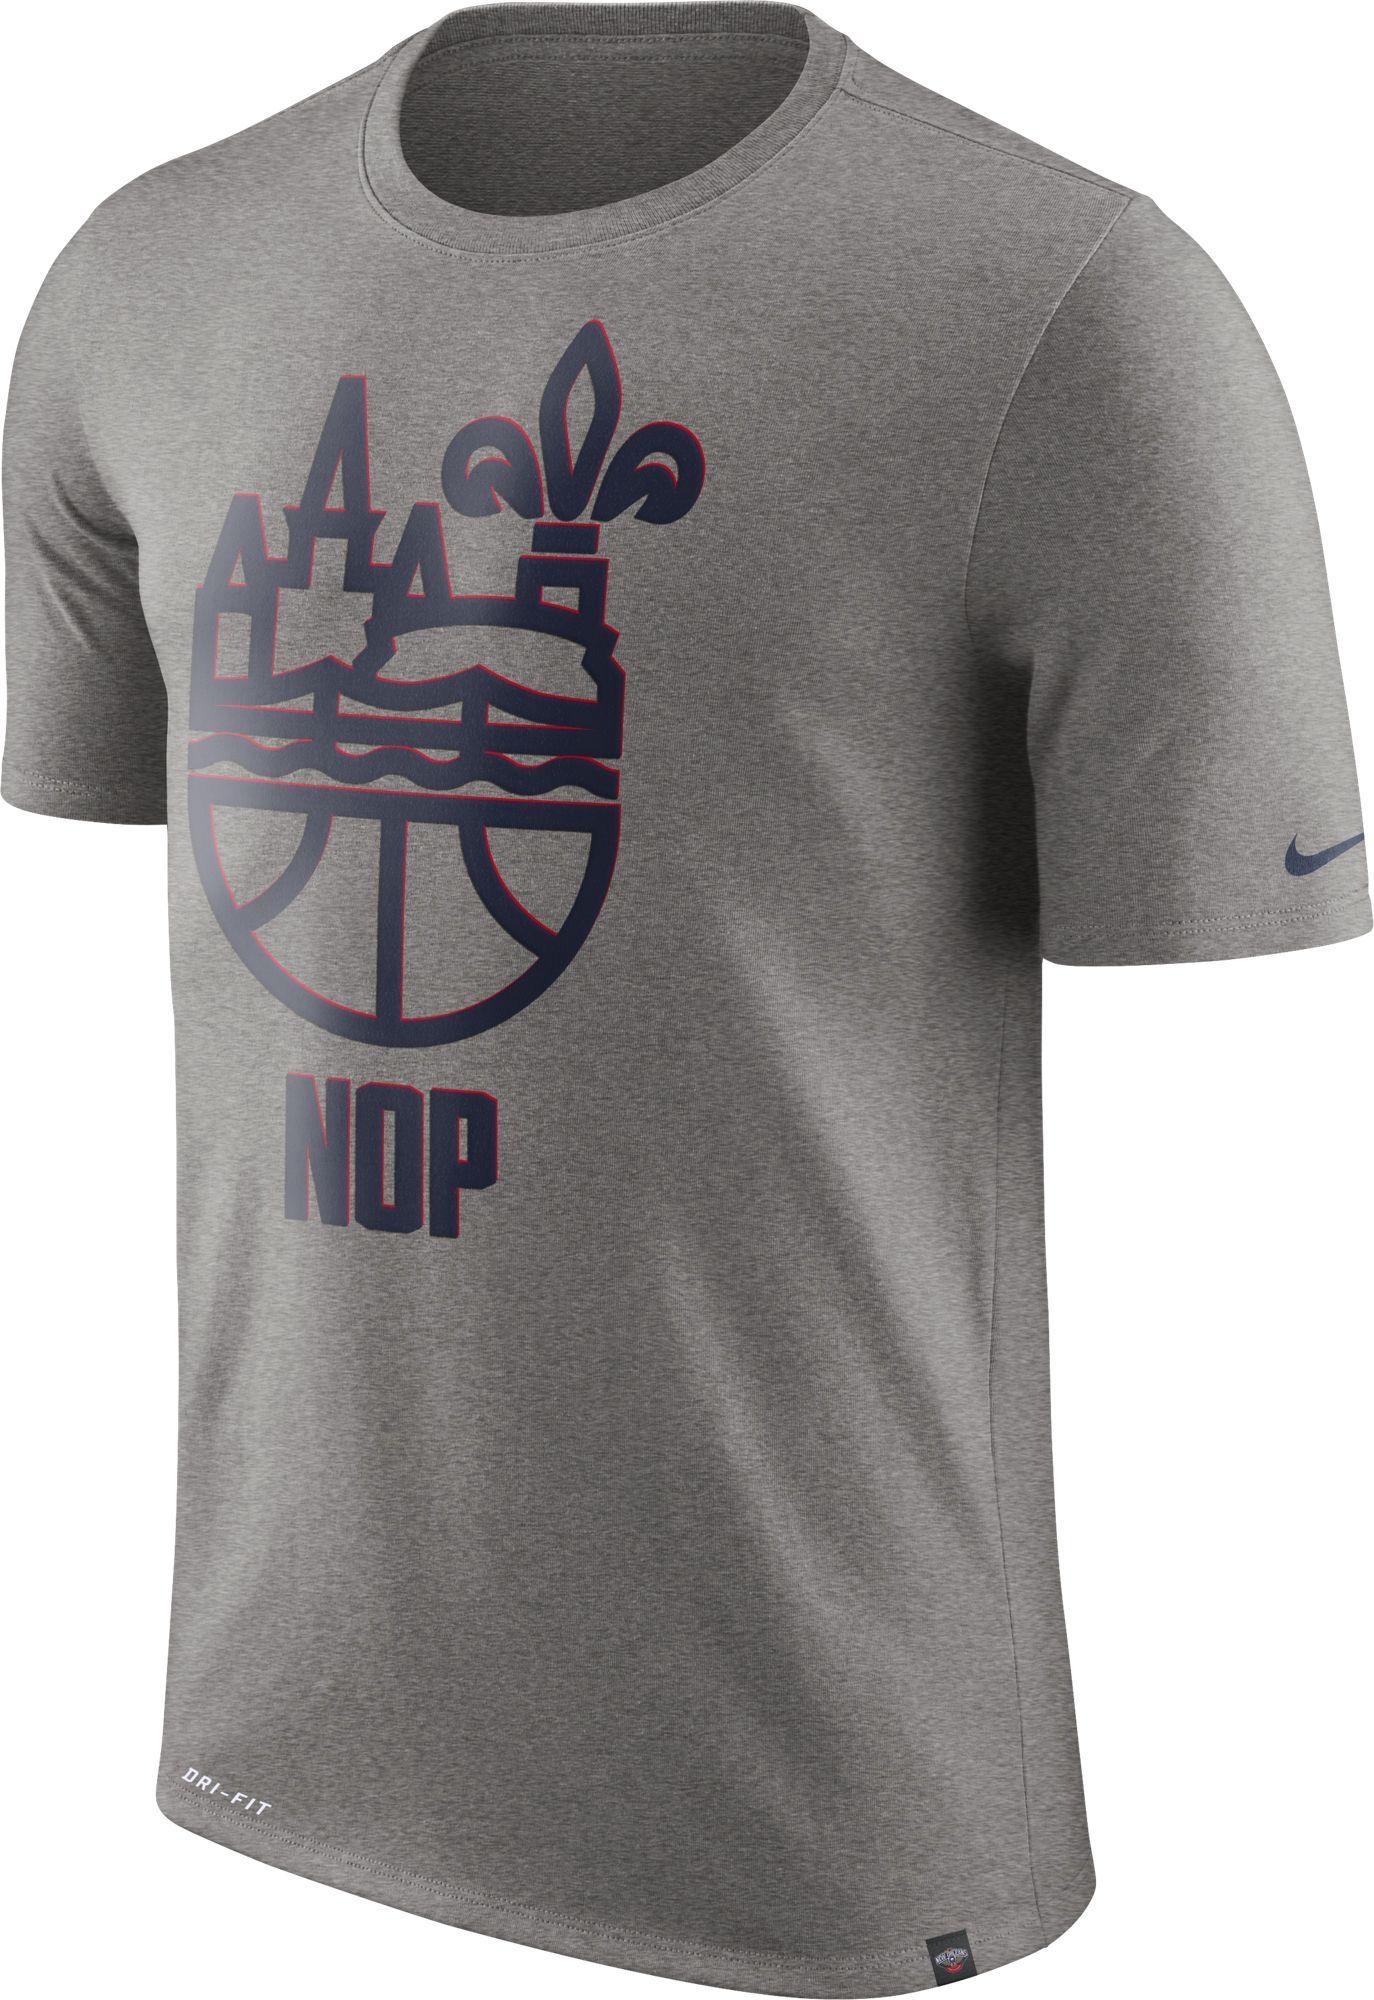 25767076 Nike Men's New Orleans Pelicans Dri-FIT Grey Cityscape T-Shirt, Size: XXL,  Team